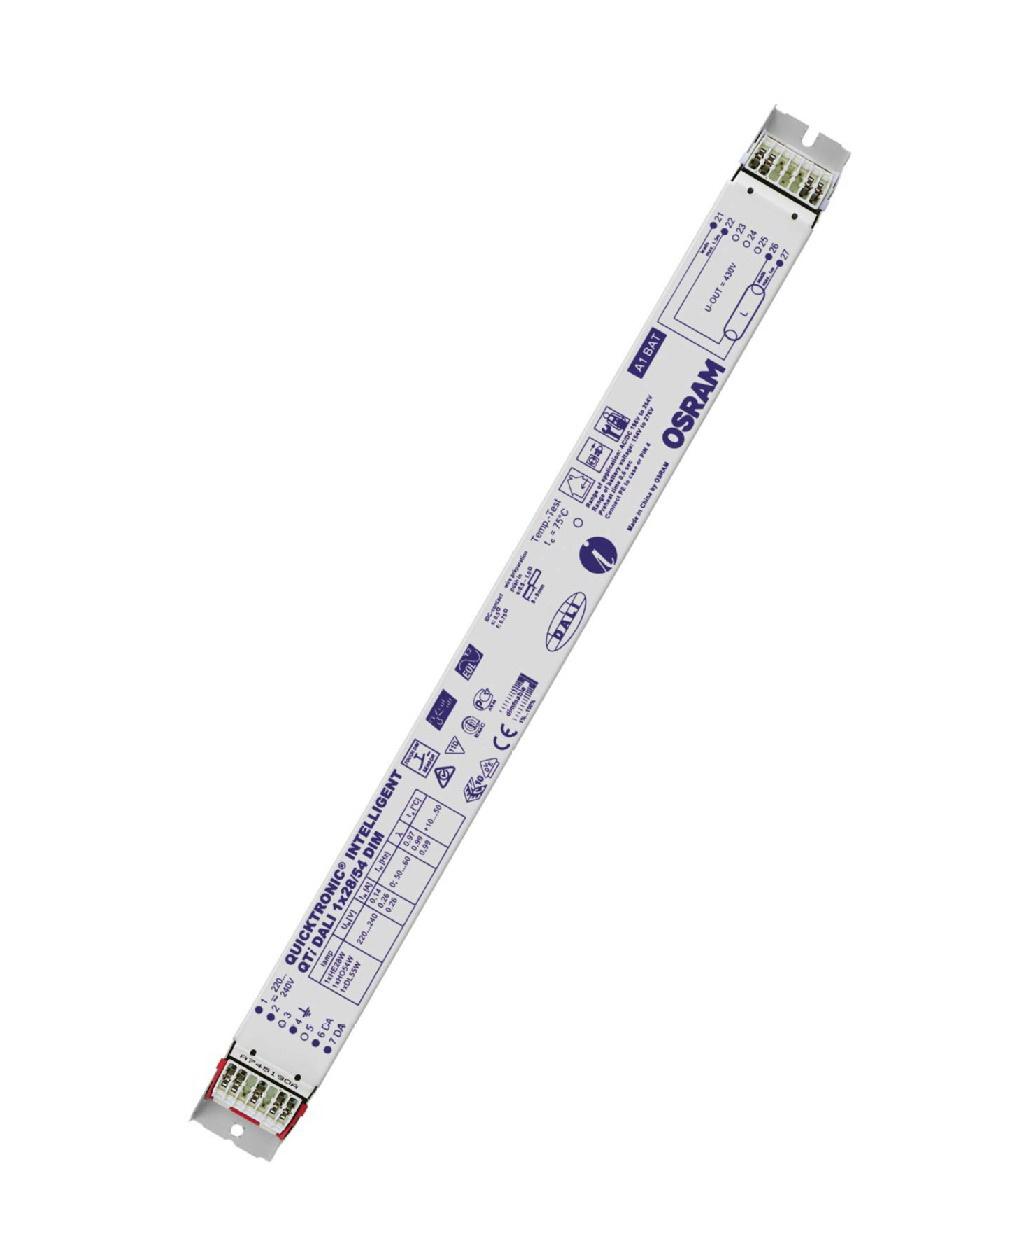 1 Stk EVG QTIDALI 2x28/54/220-240 für T5 dimmbar DALI LI5Z870502